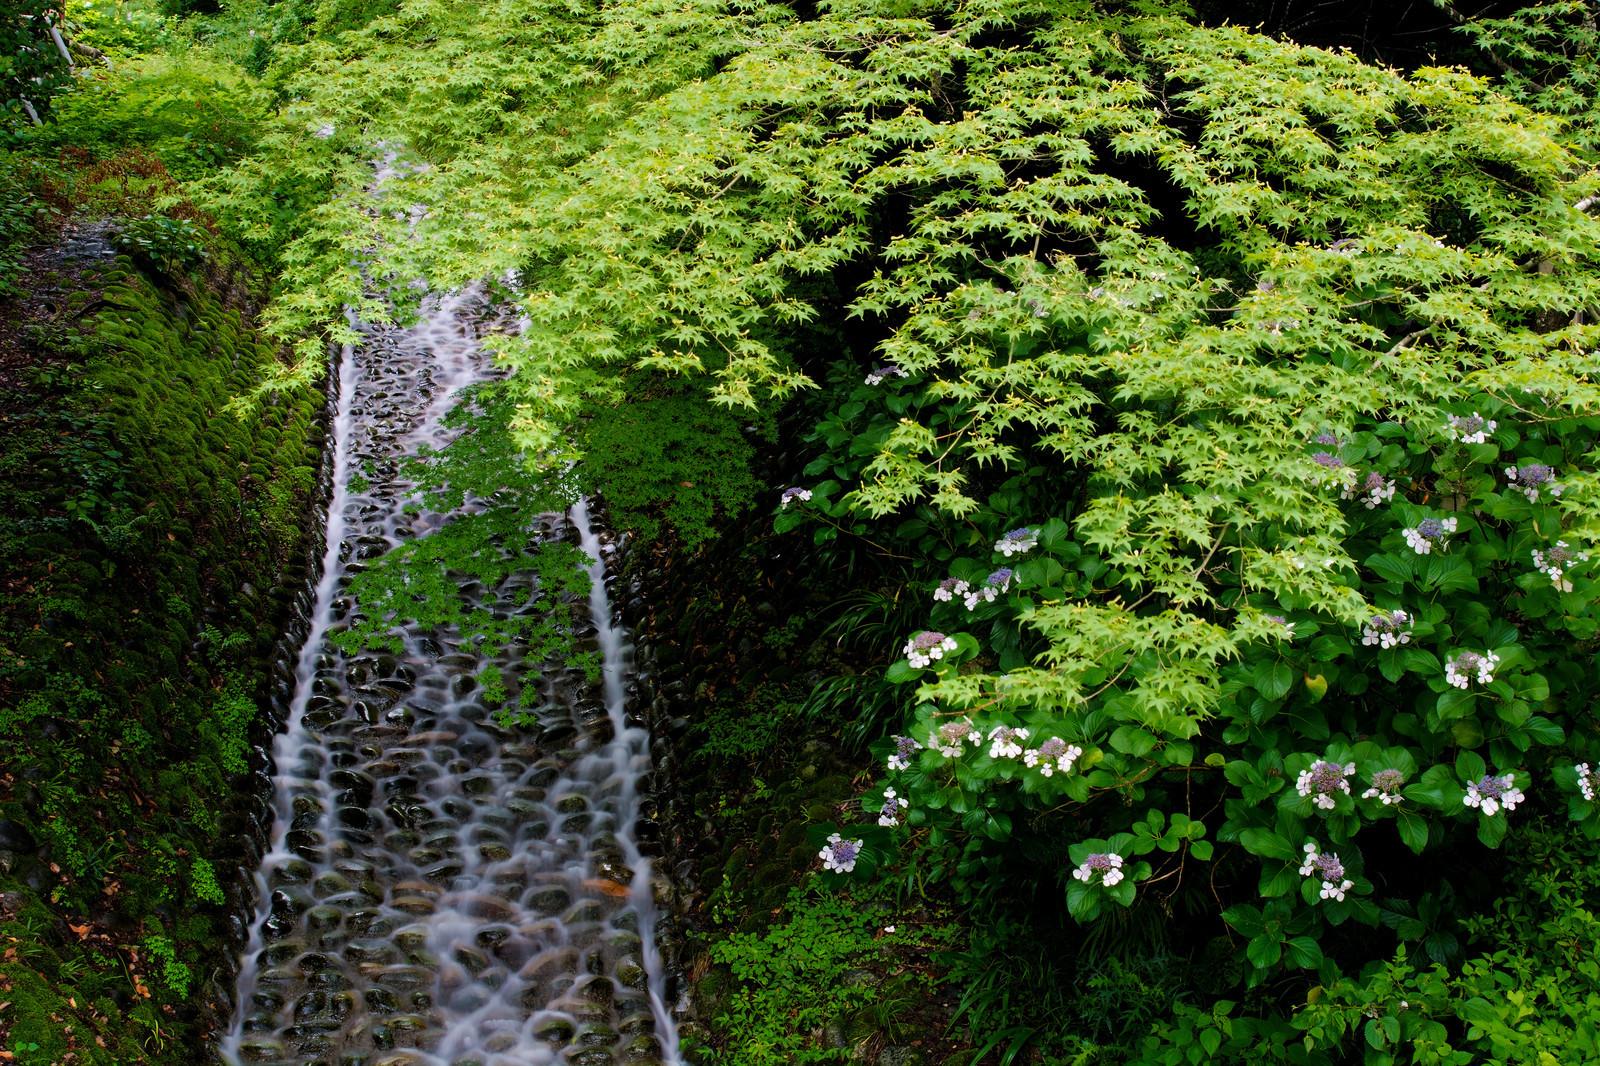 サイハイラン(采配蘭)とは?花や葉の特徴や群生地をご紹介!